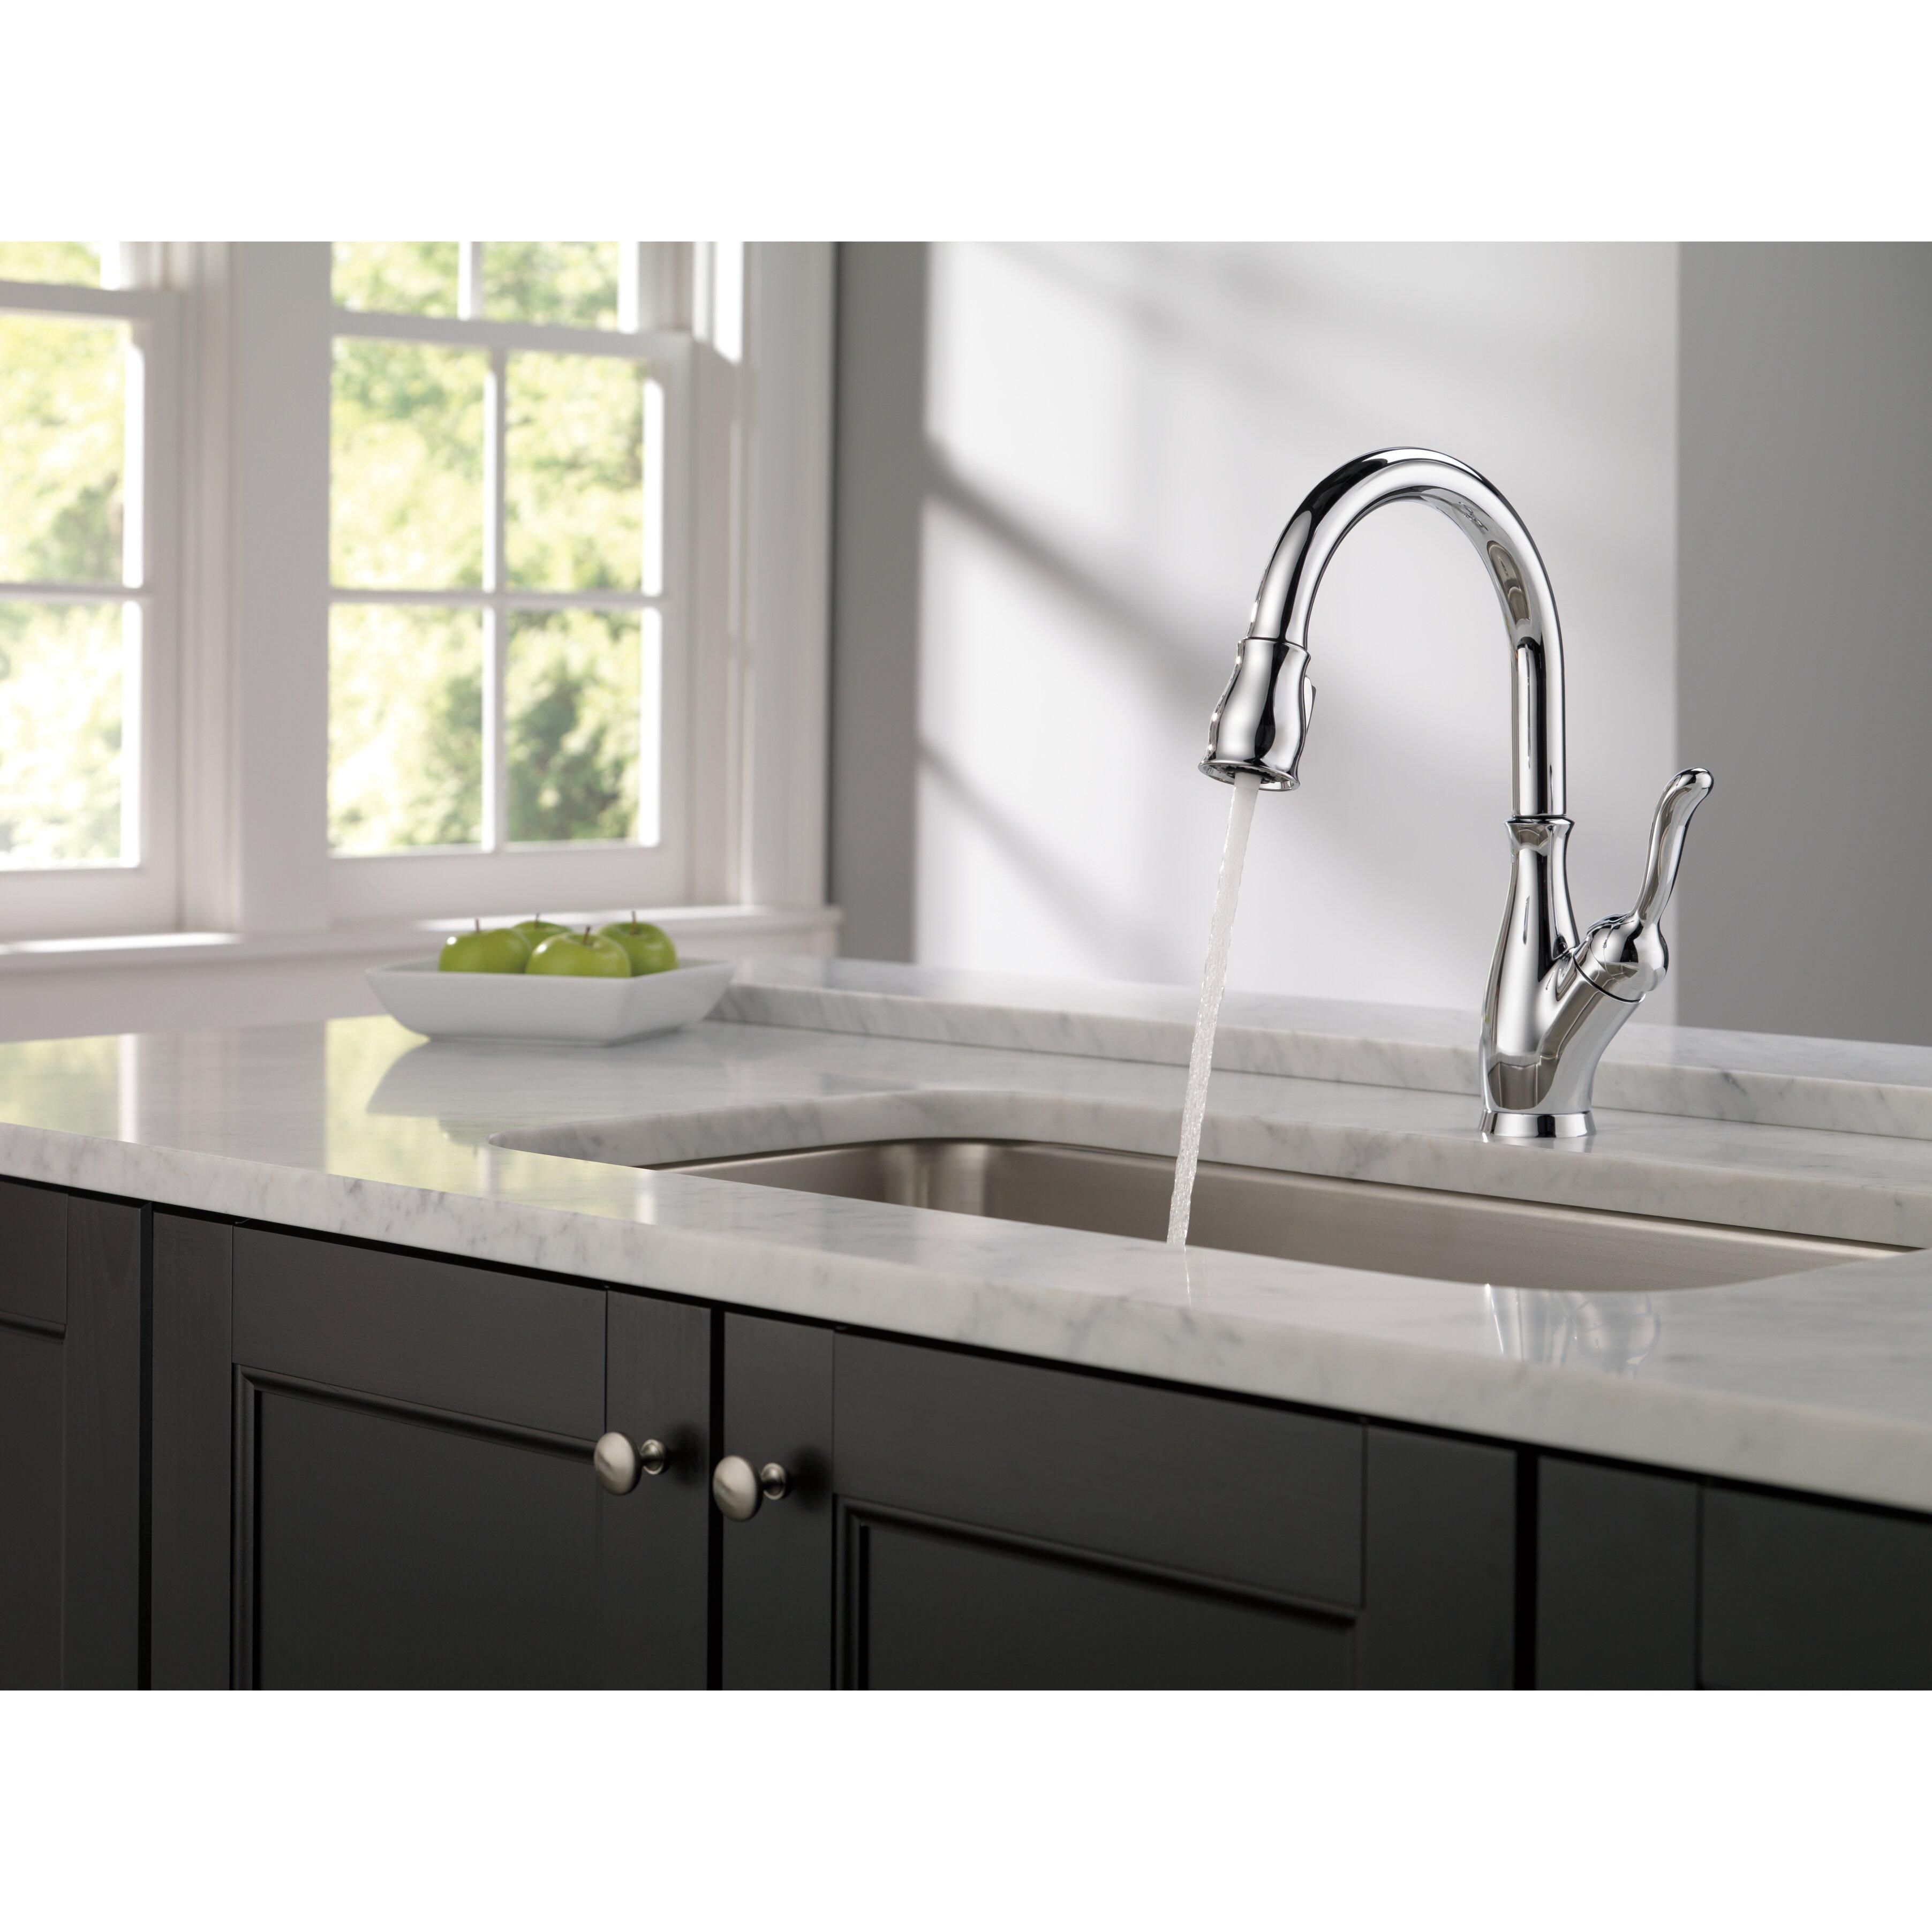 Delta leland bathroom faucet